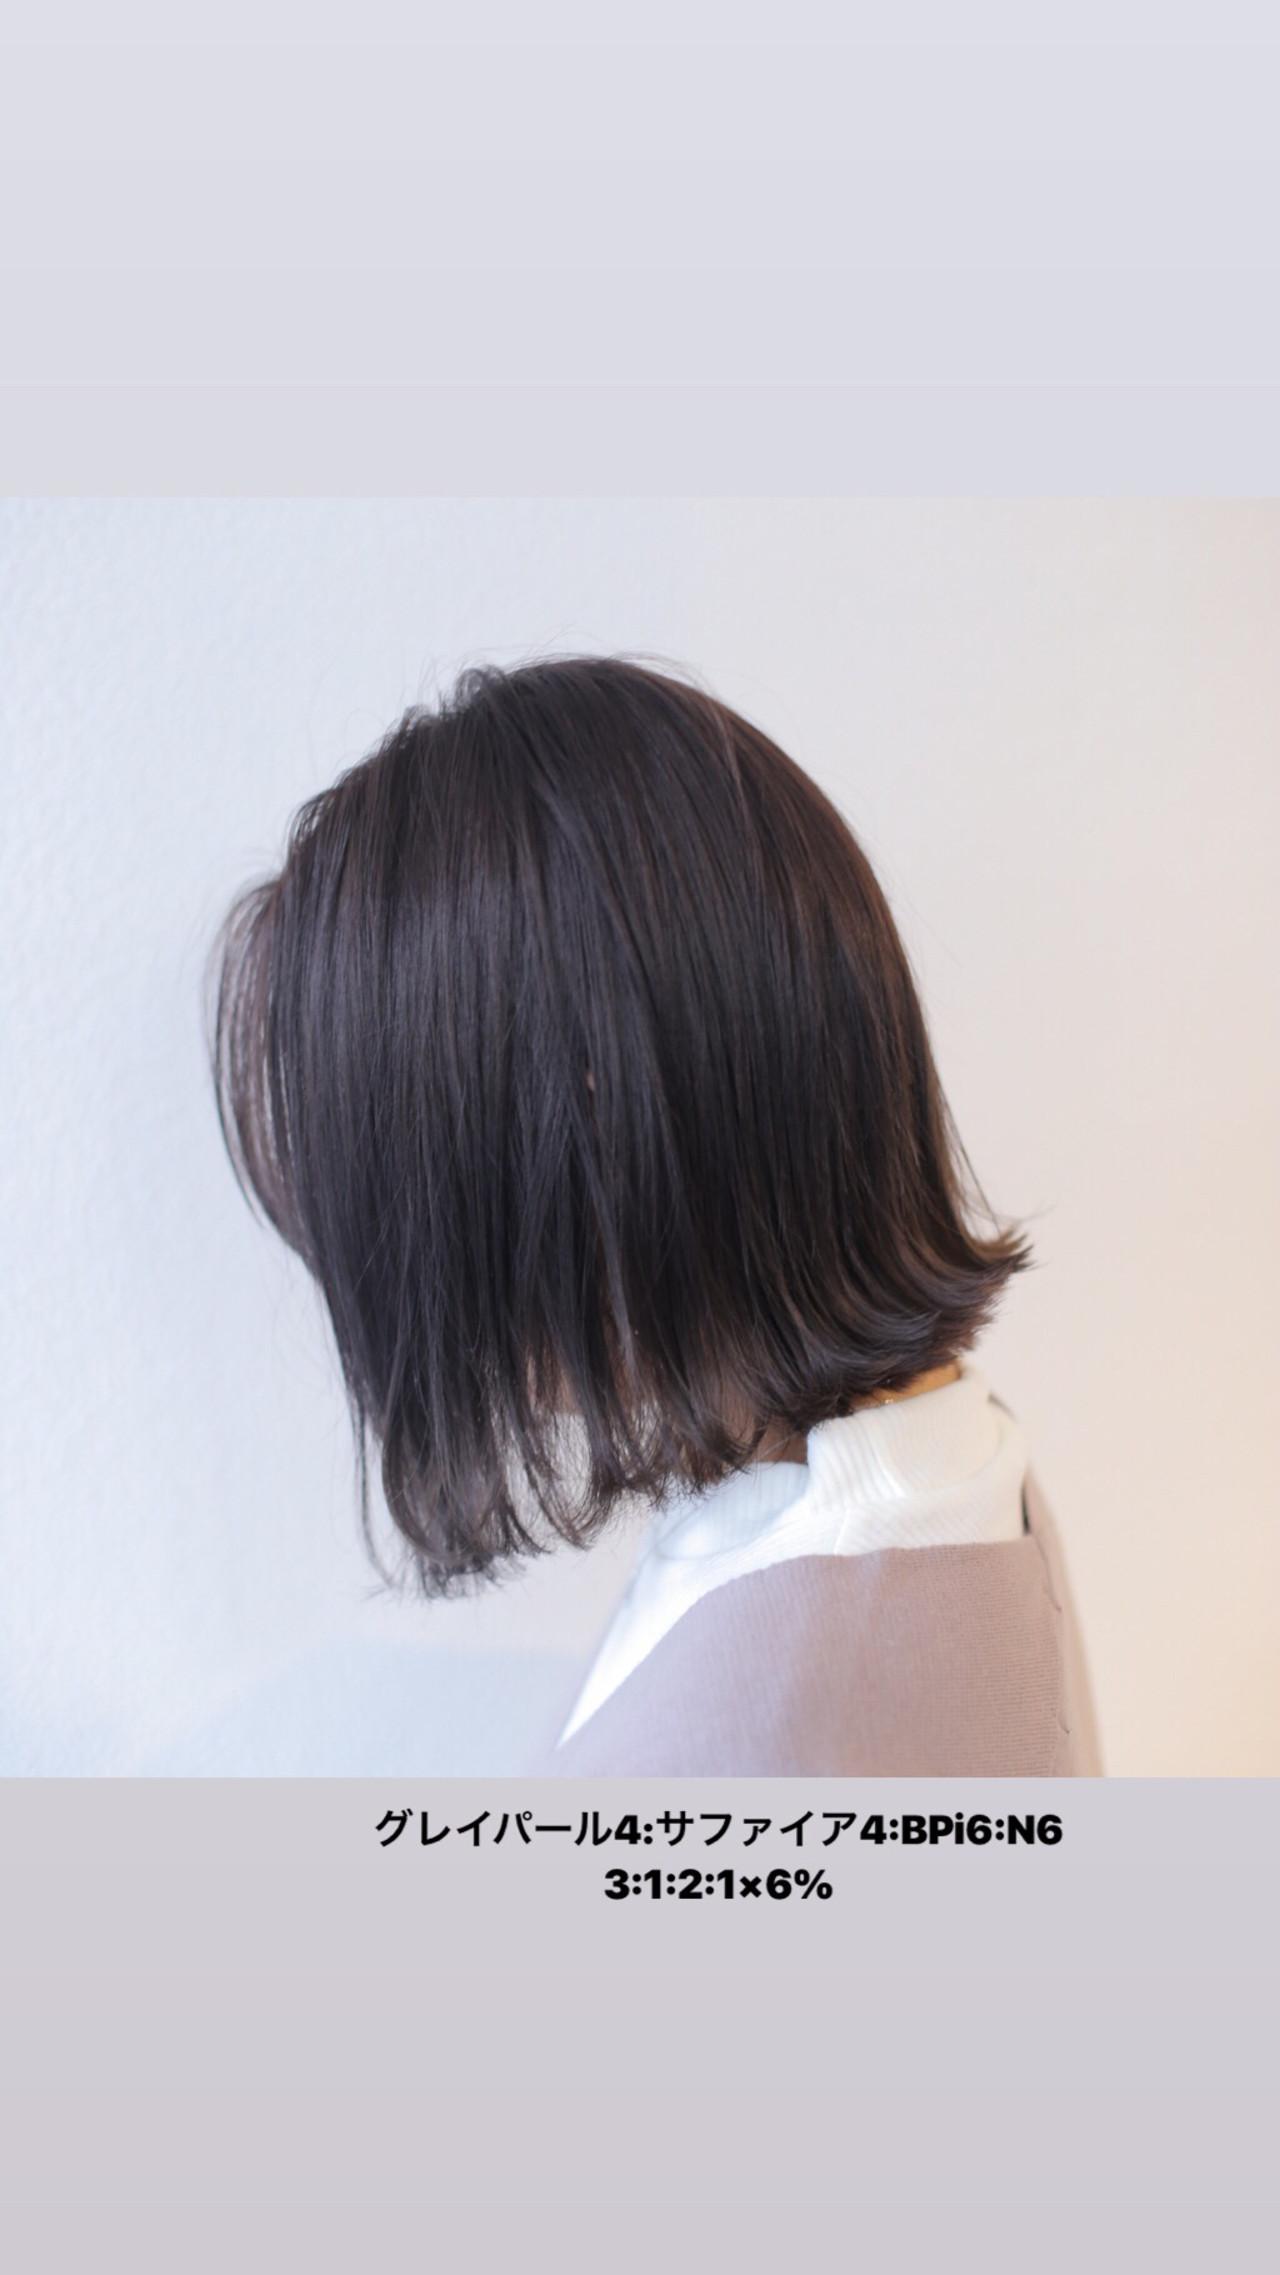 グレージュ デザイン バレイヤージュ ハイライト ヘアスタイルや髪型の写真・画像